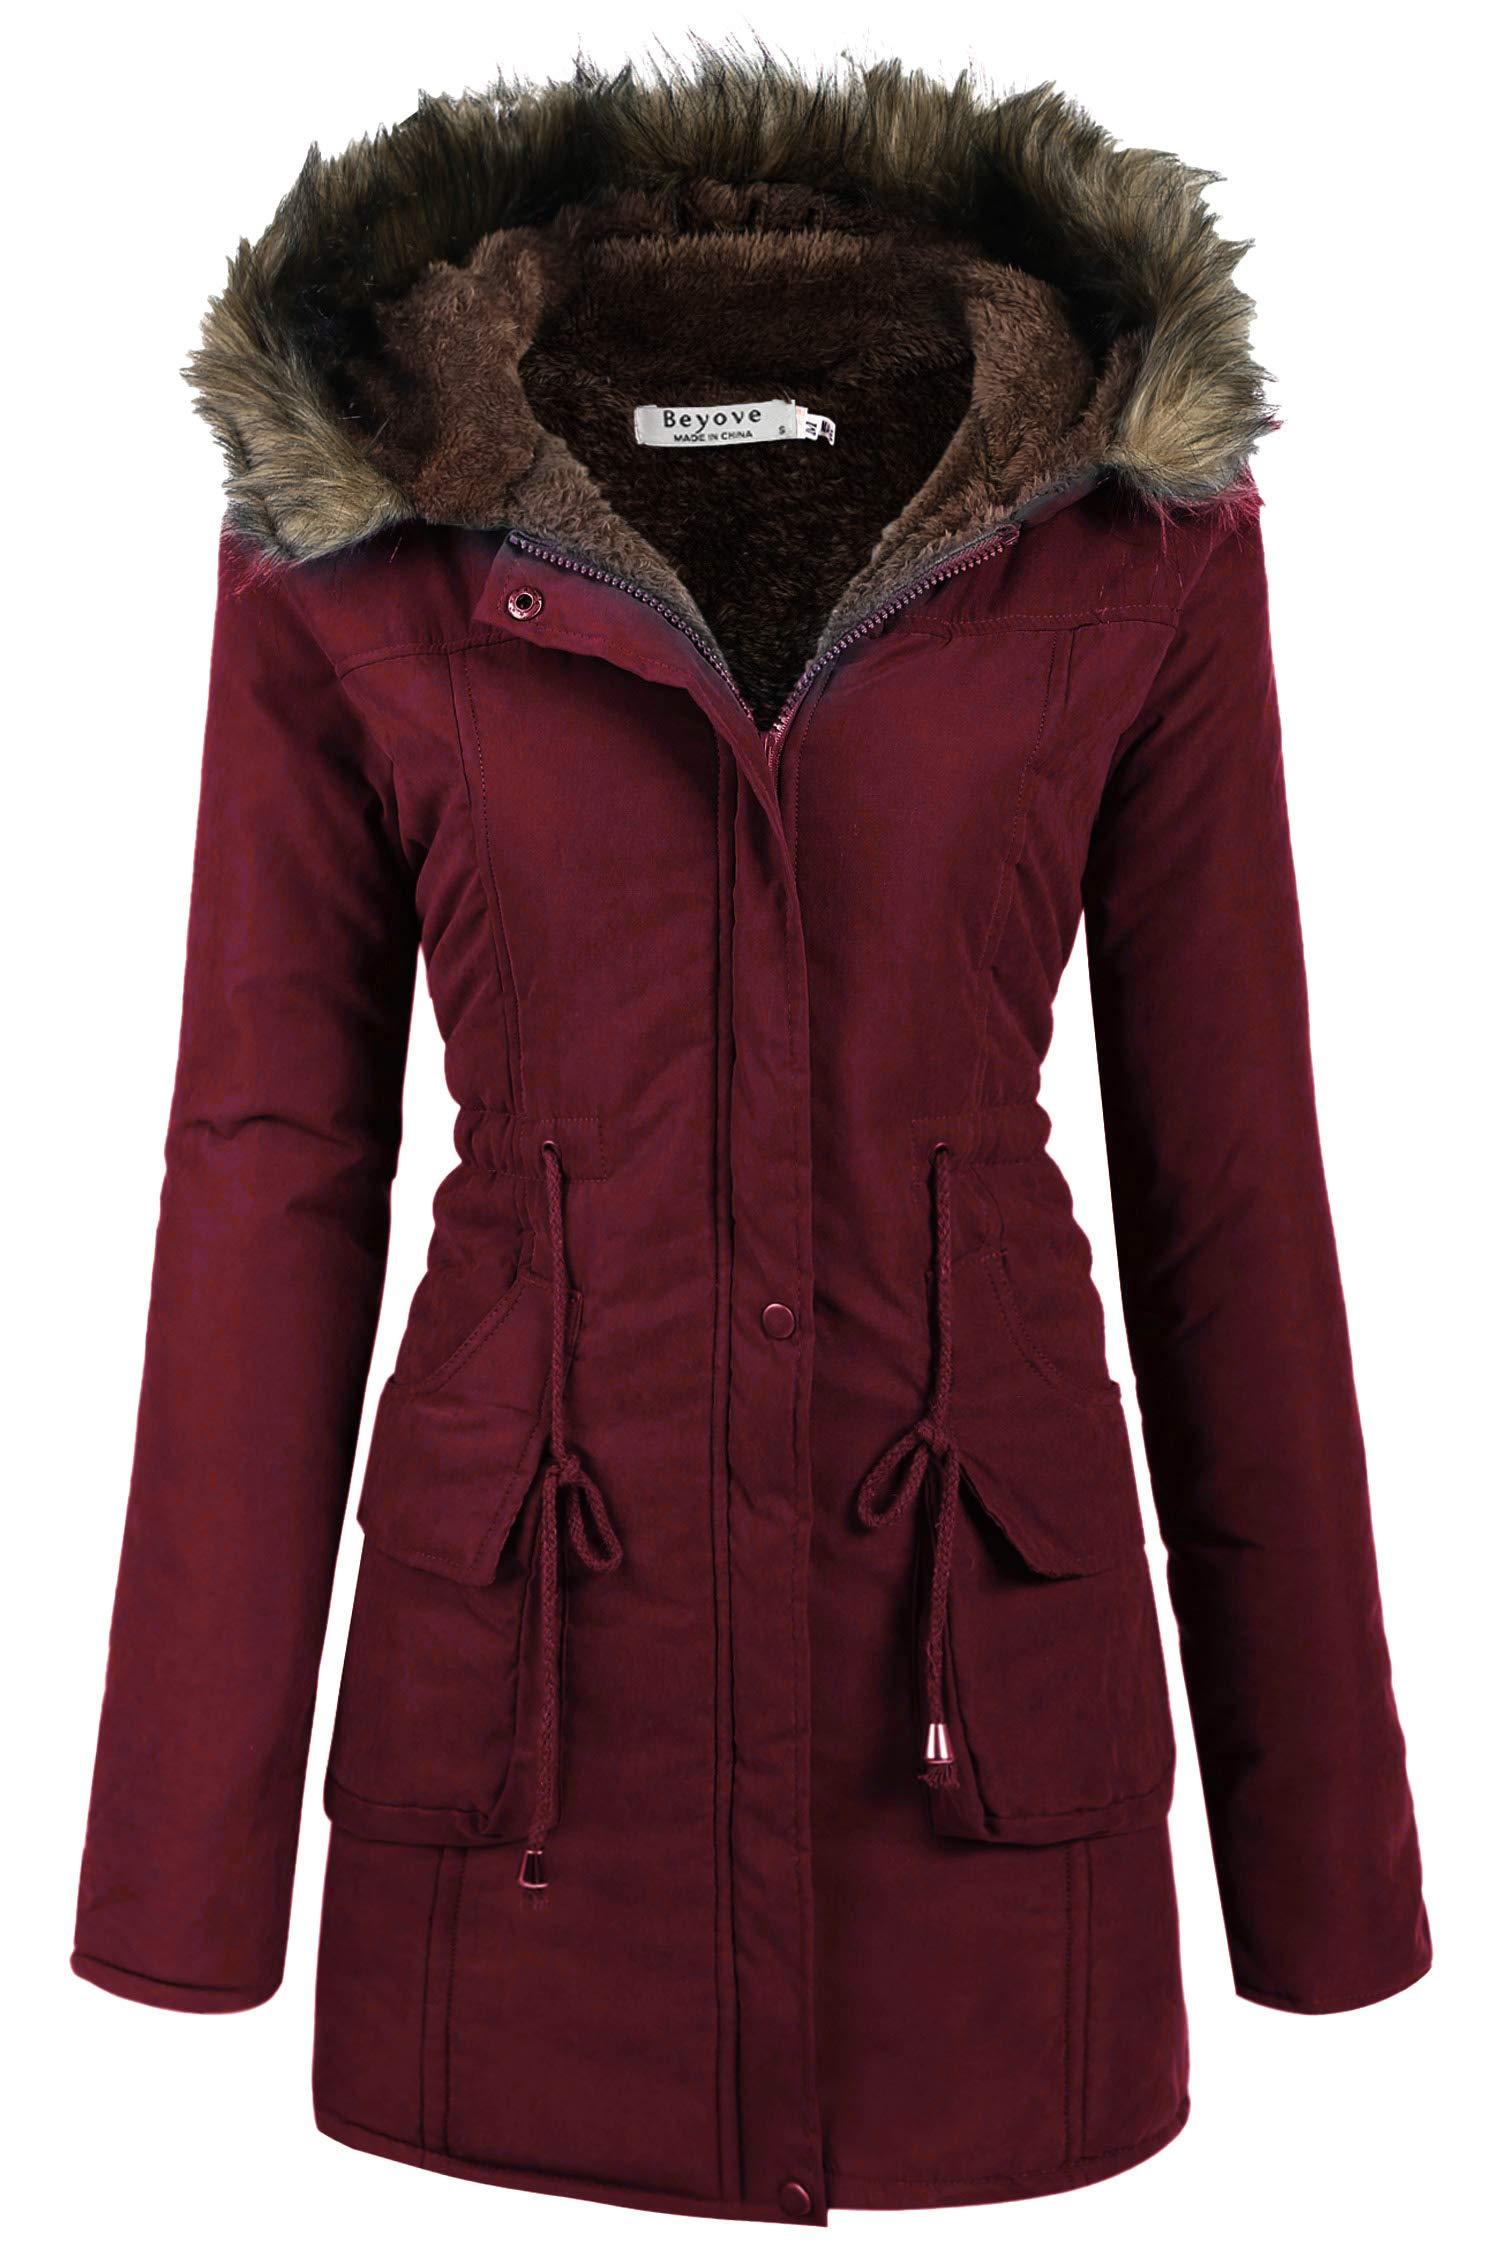 Beyove Women Thicken Warm Winter Coat Hood Parka Overcoat Long Jacket Outwear by Beyove